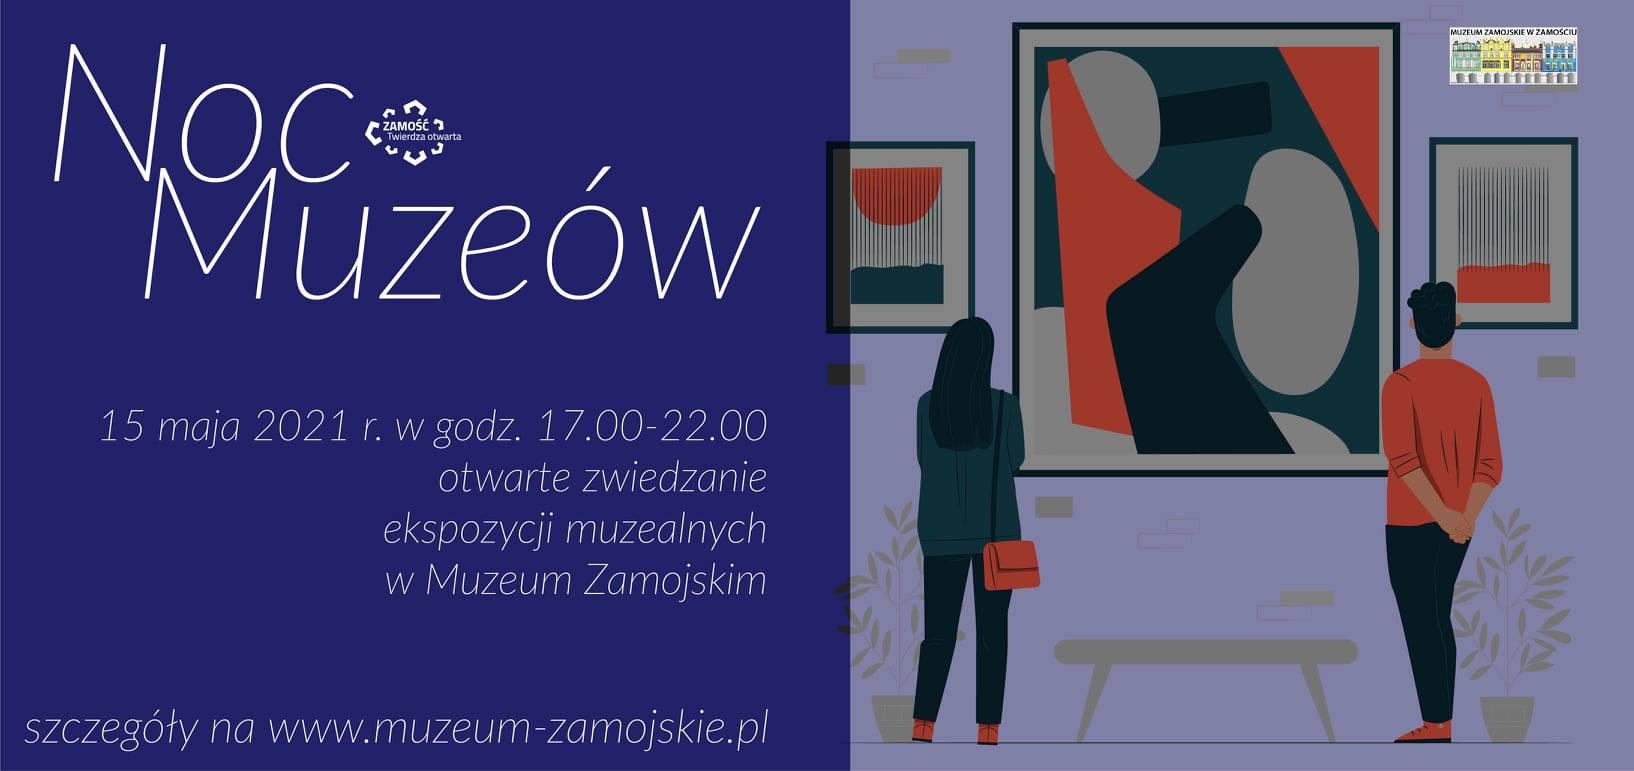 186498517 316966023343415 5634269695308405179 n ZAMOŚĆ: Odwiedź muzeum po zmroku